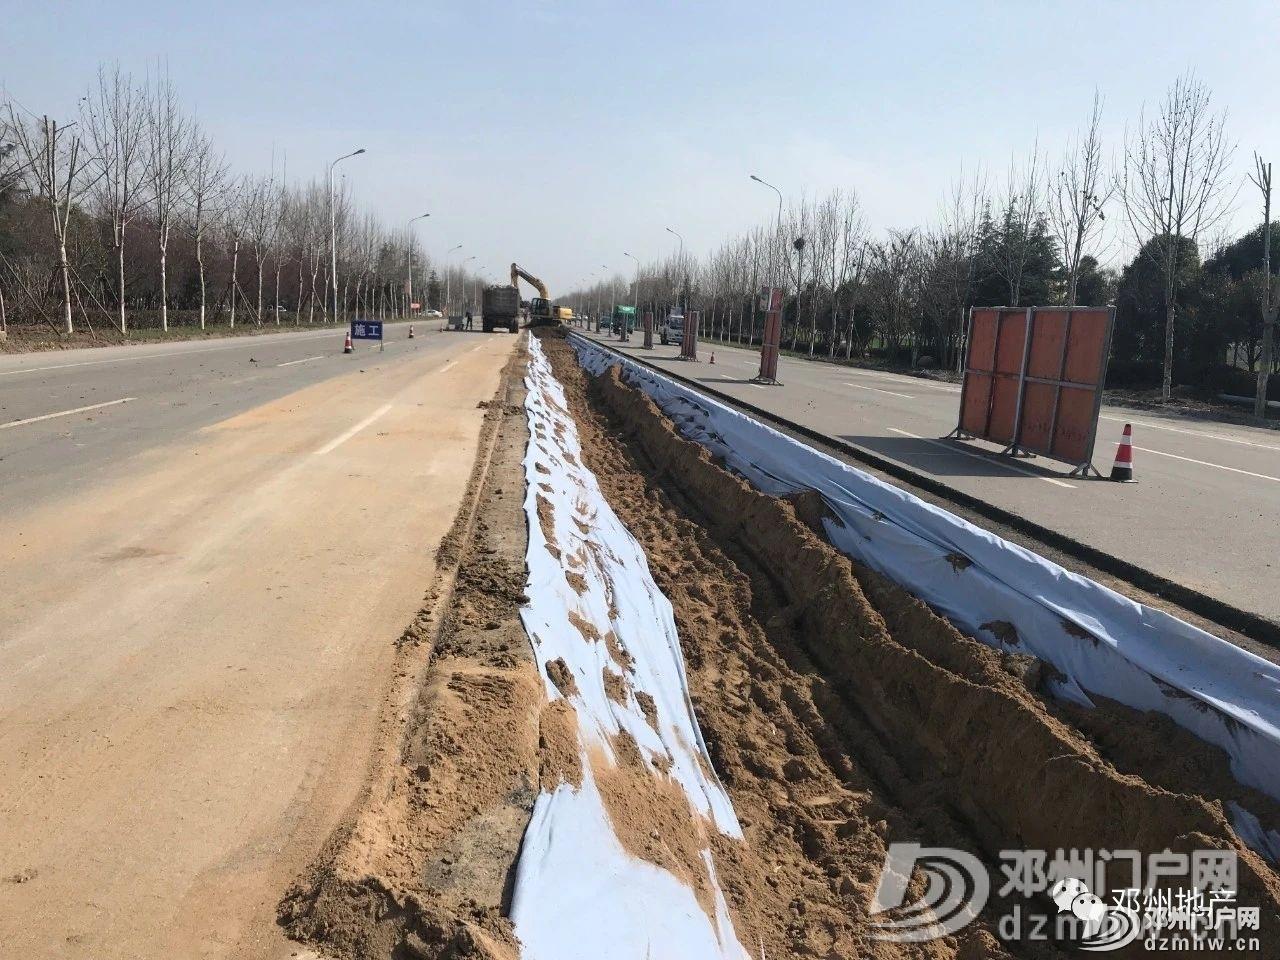 最新!关于邓州市迎宾大道改造升级,实拍来啦! - 邓州门户网|邓州网 - 8b6b2ca777ec1715be7da985038798a1.jpg